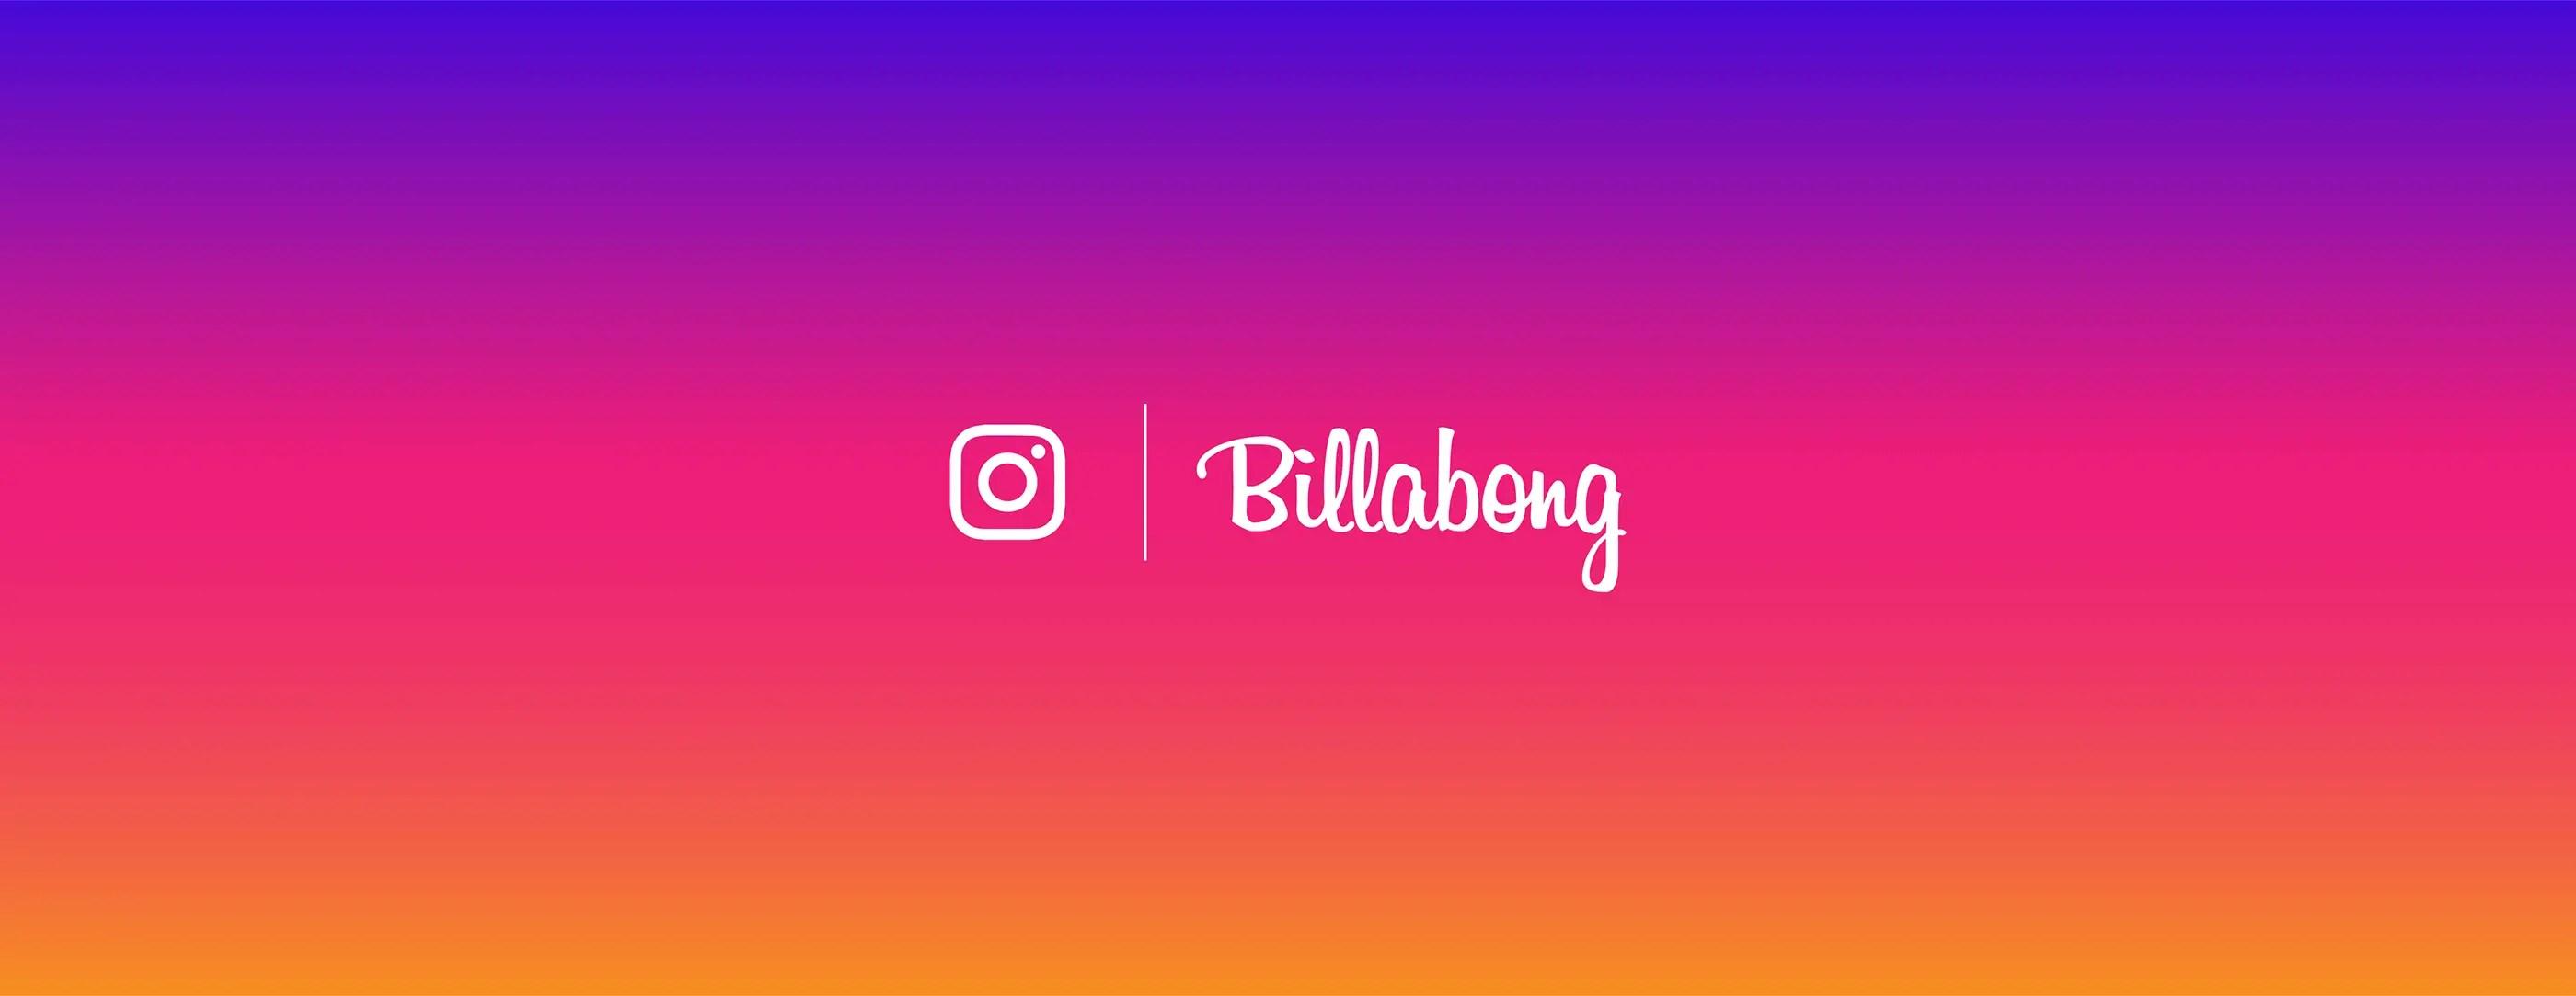 wersm-logo-font-instagram-billabong